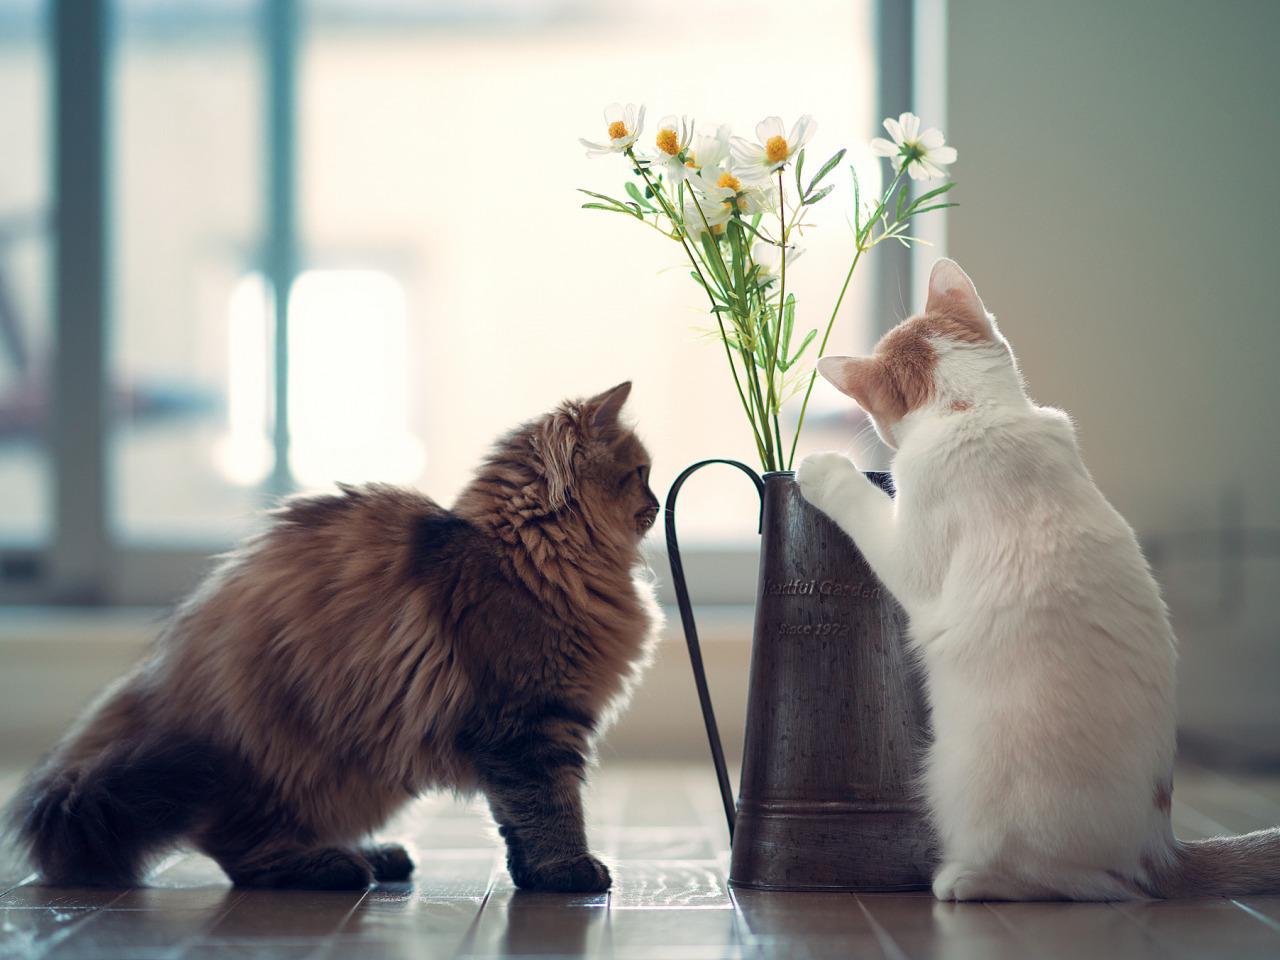 жизнь одной кошки в картинках вверху